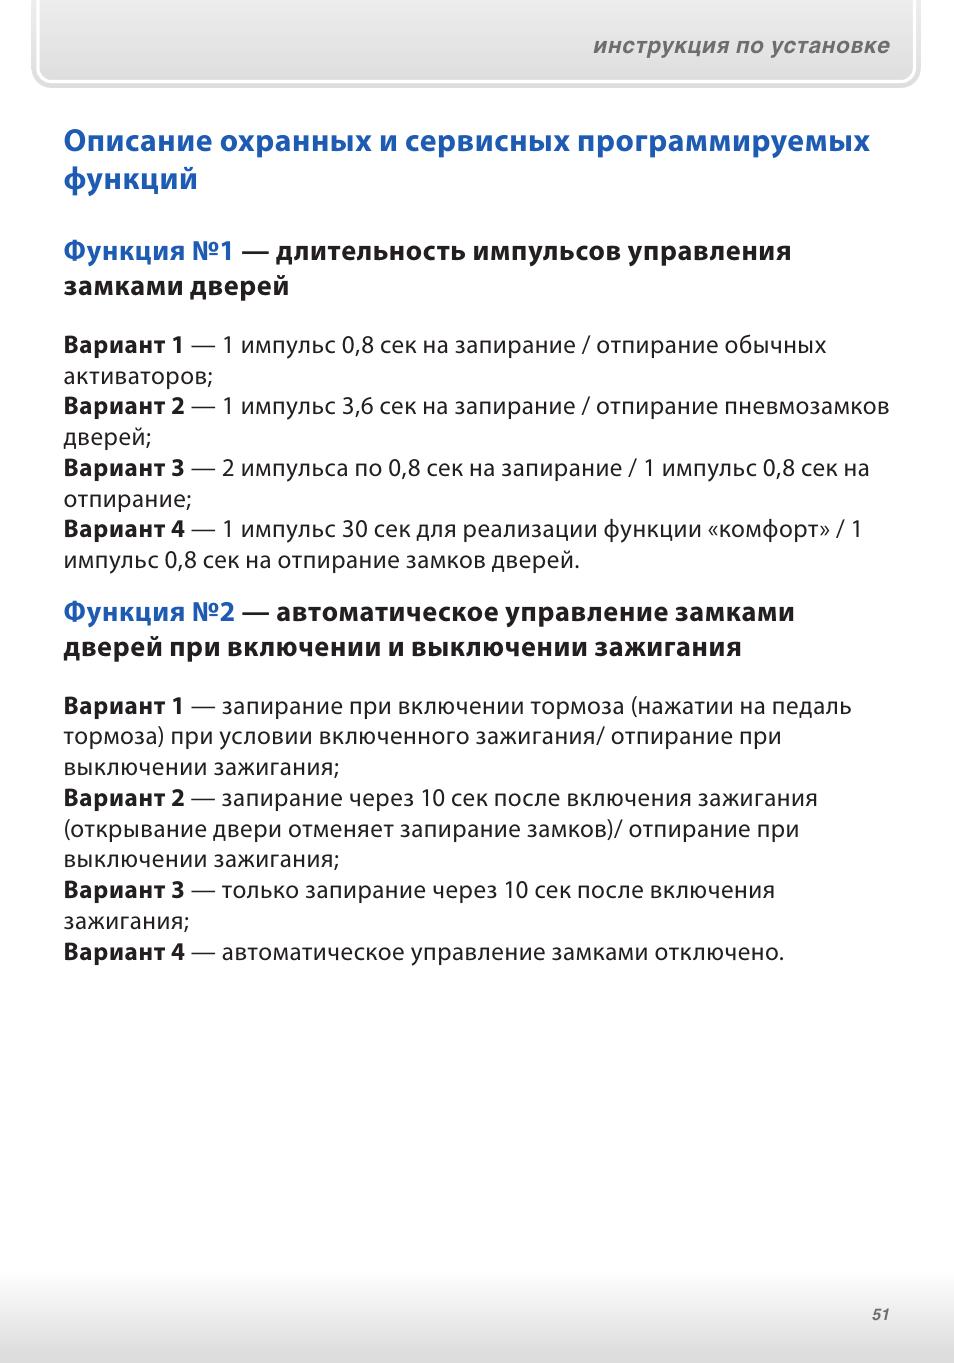 Инструкция 51 инструкция по применению